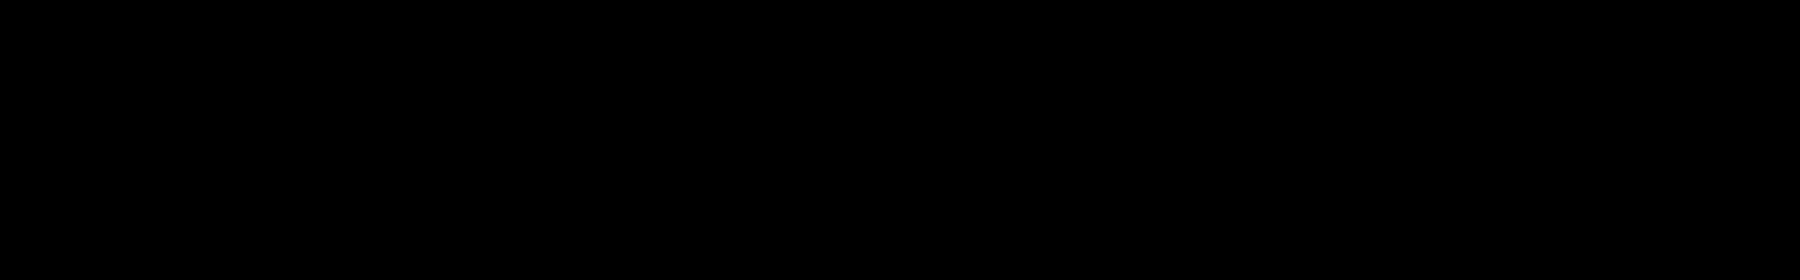 Deep & Sexy Acapellas With Tonka 2 audio waveform